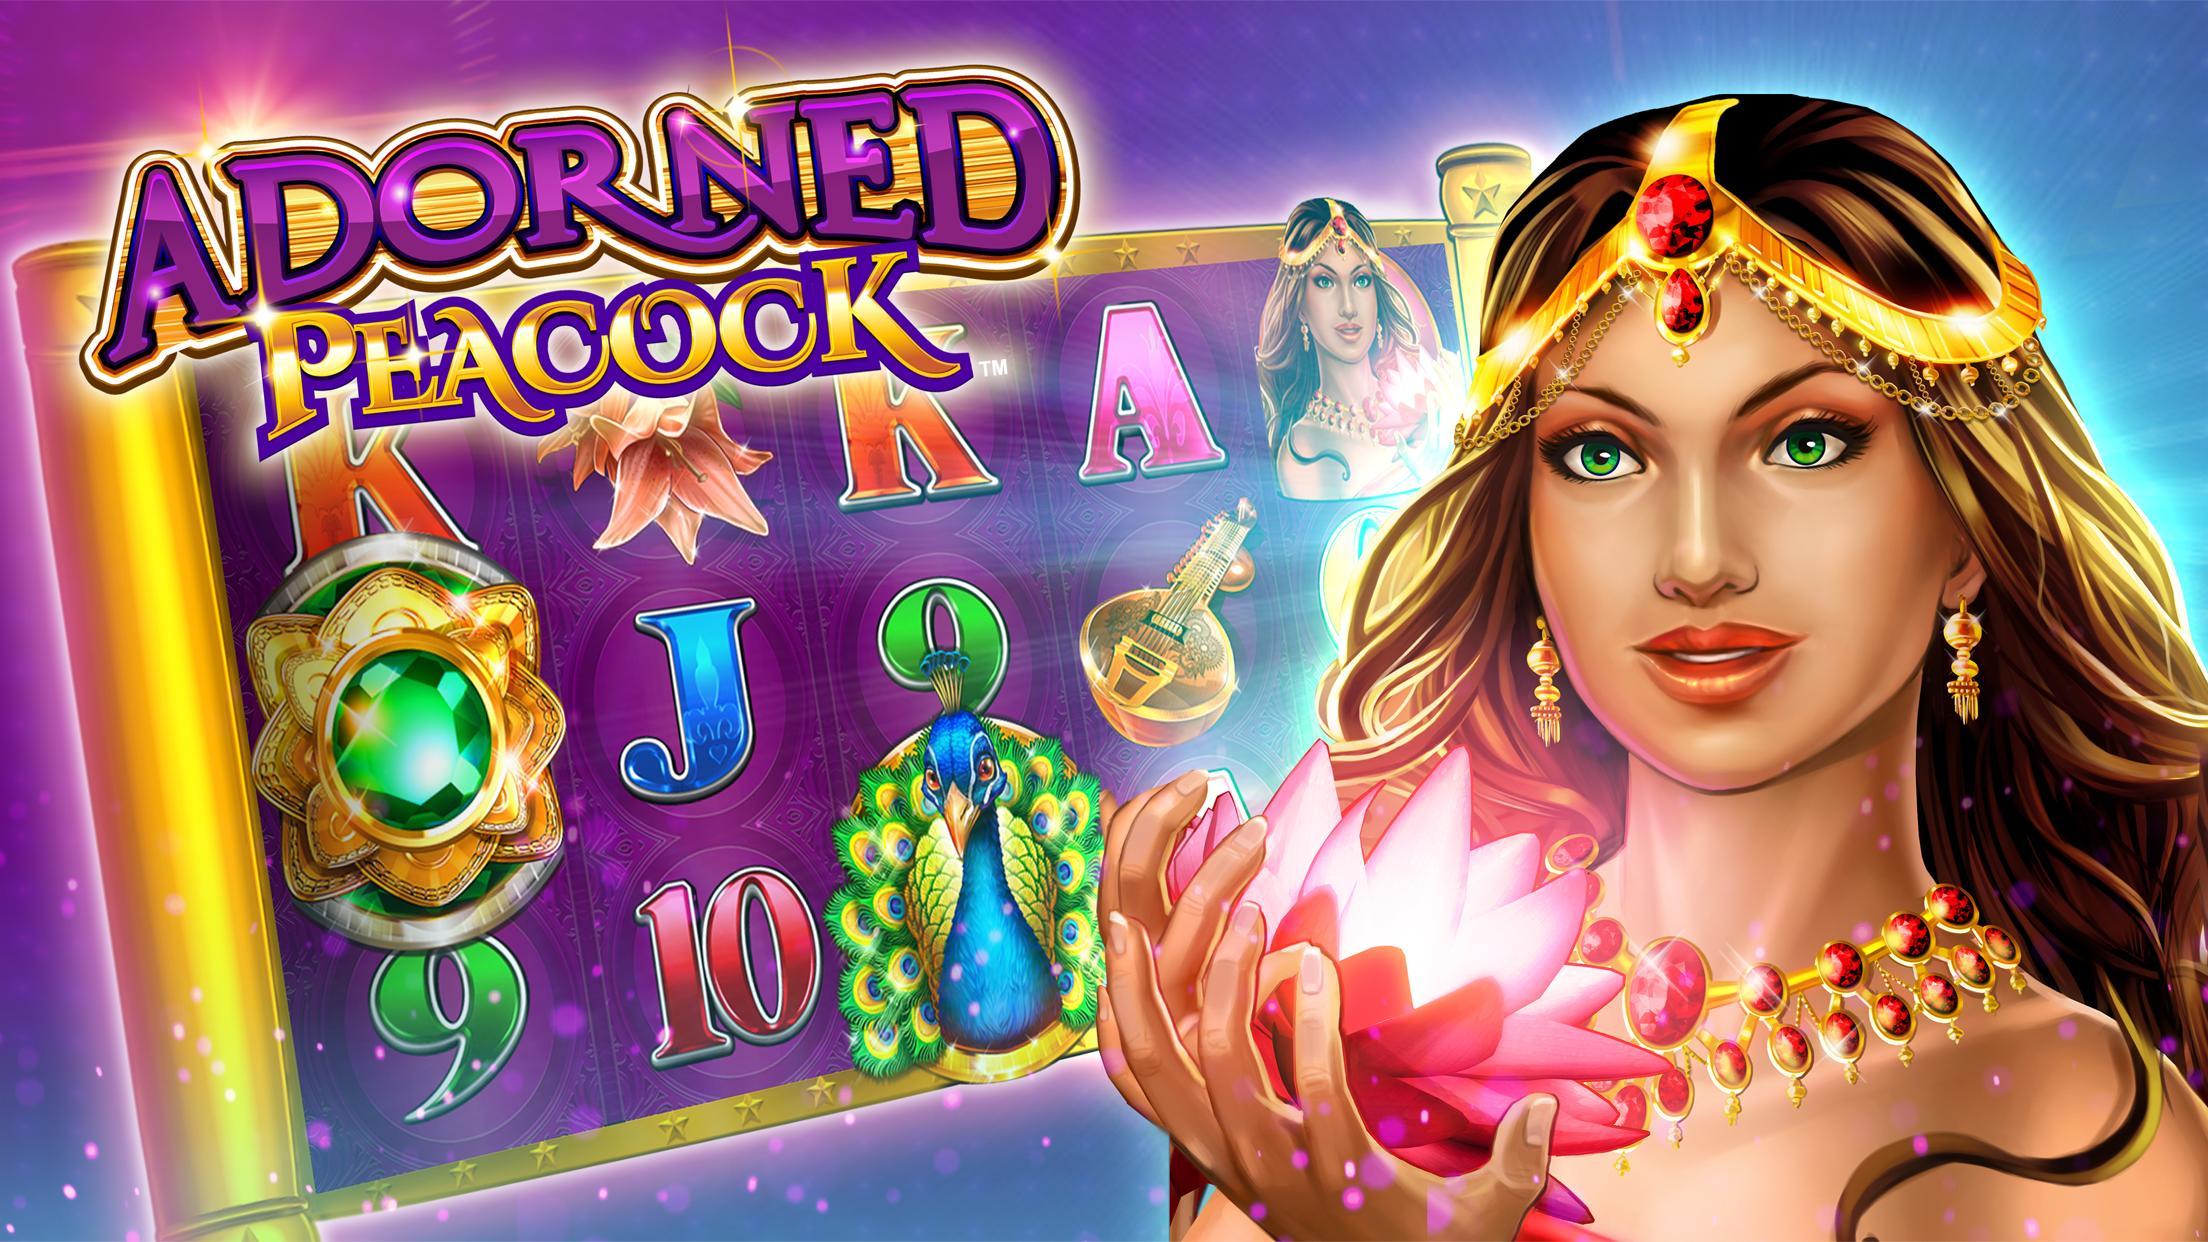 Азартные игры для андроида